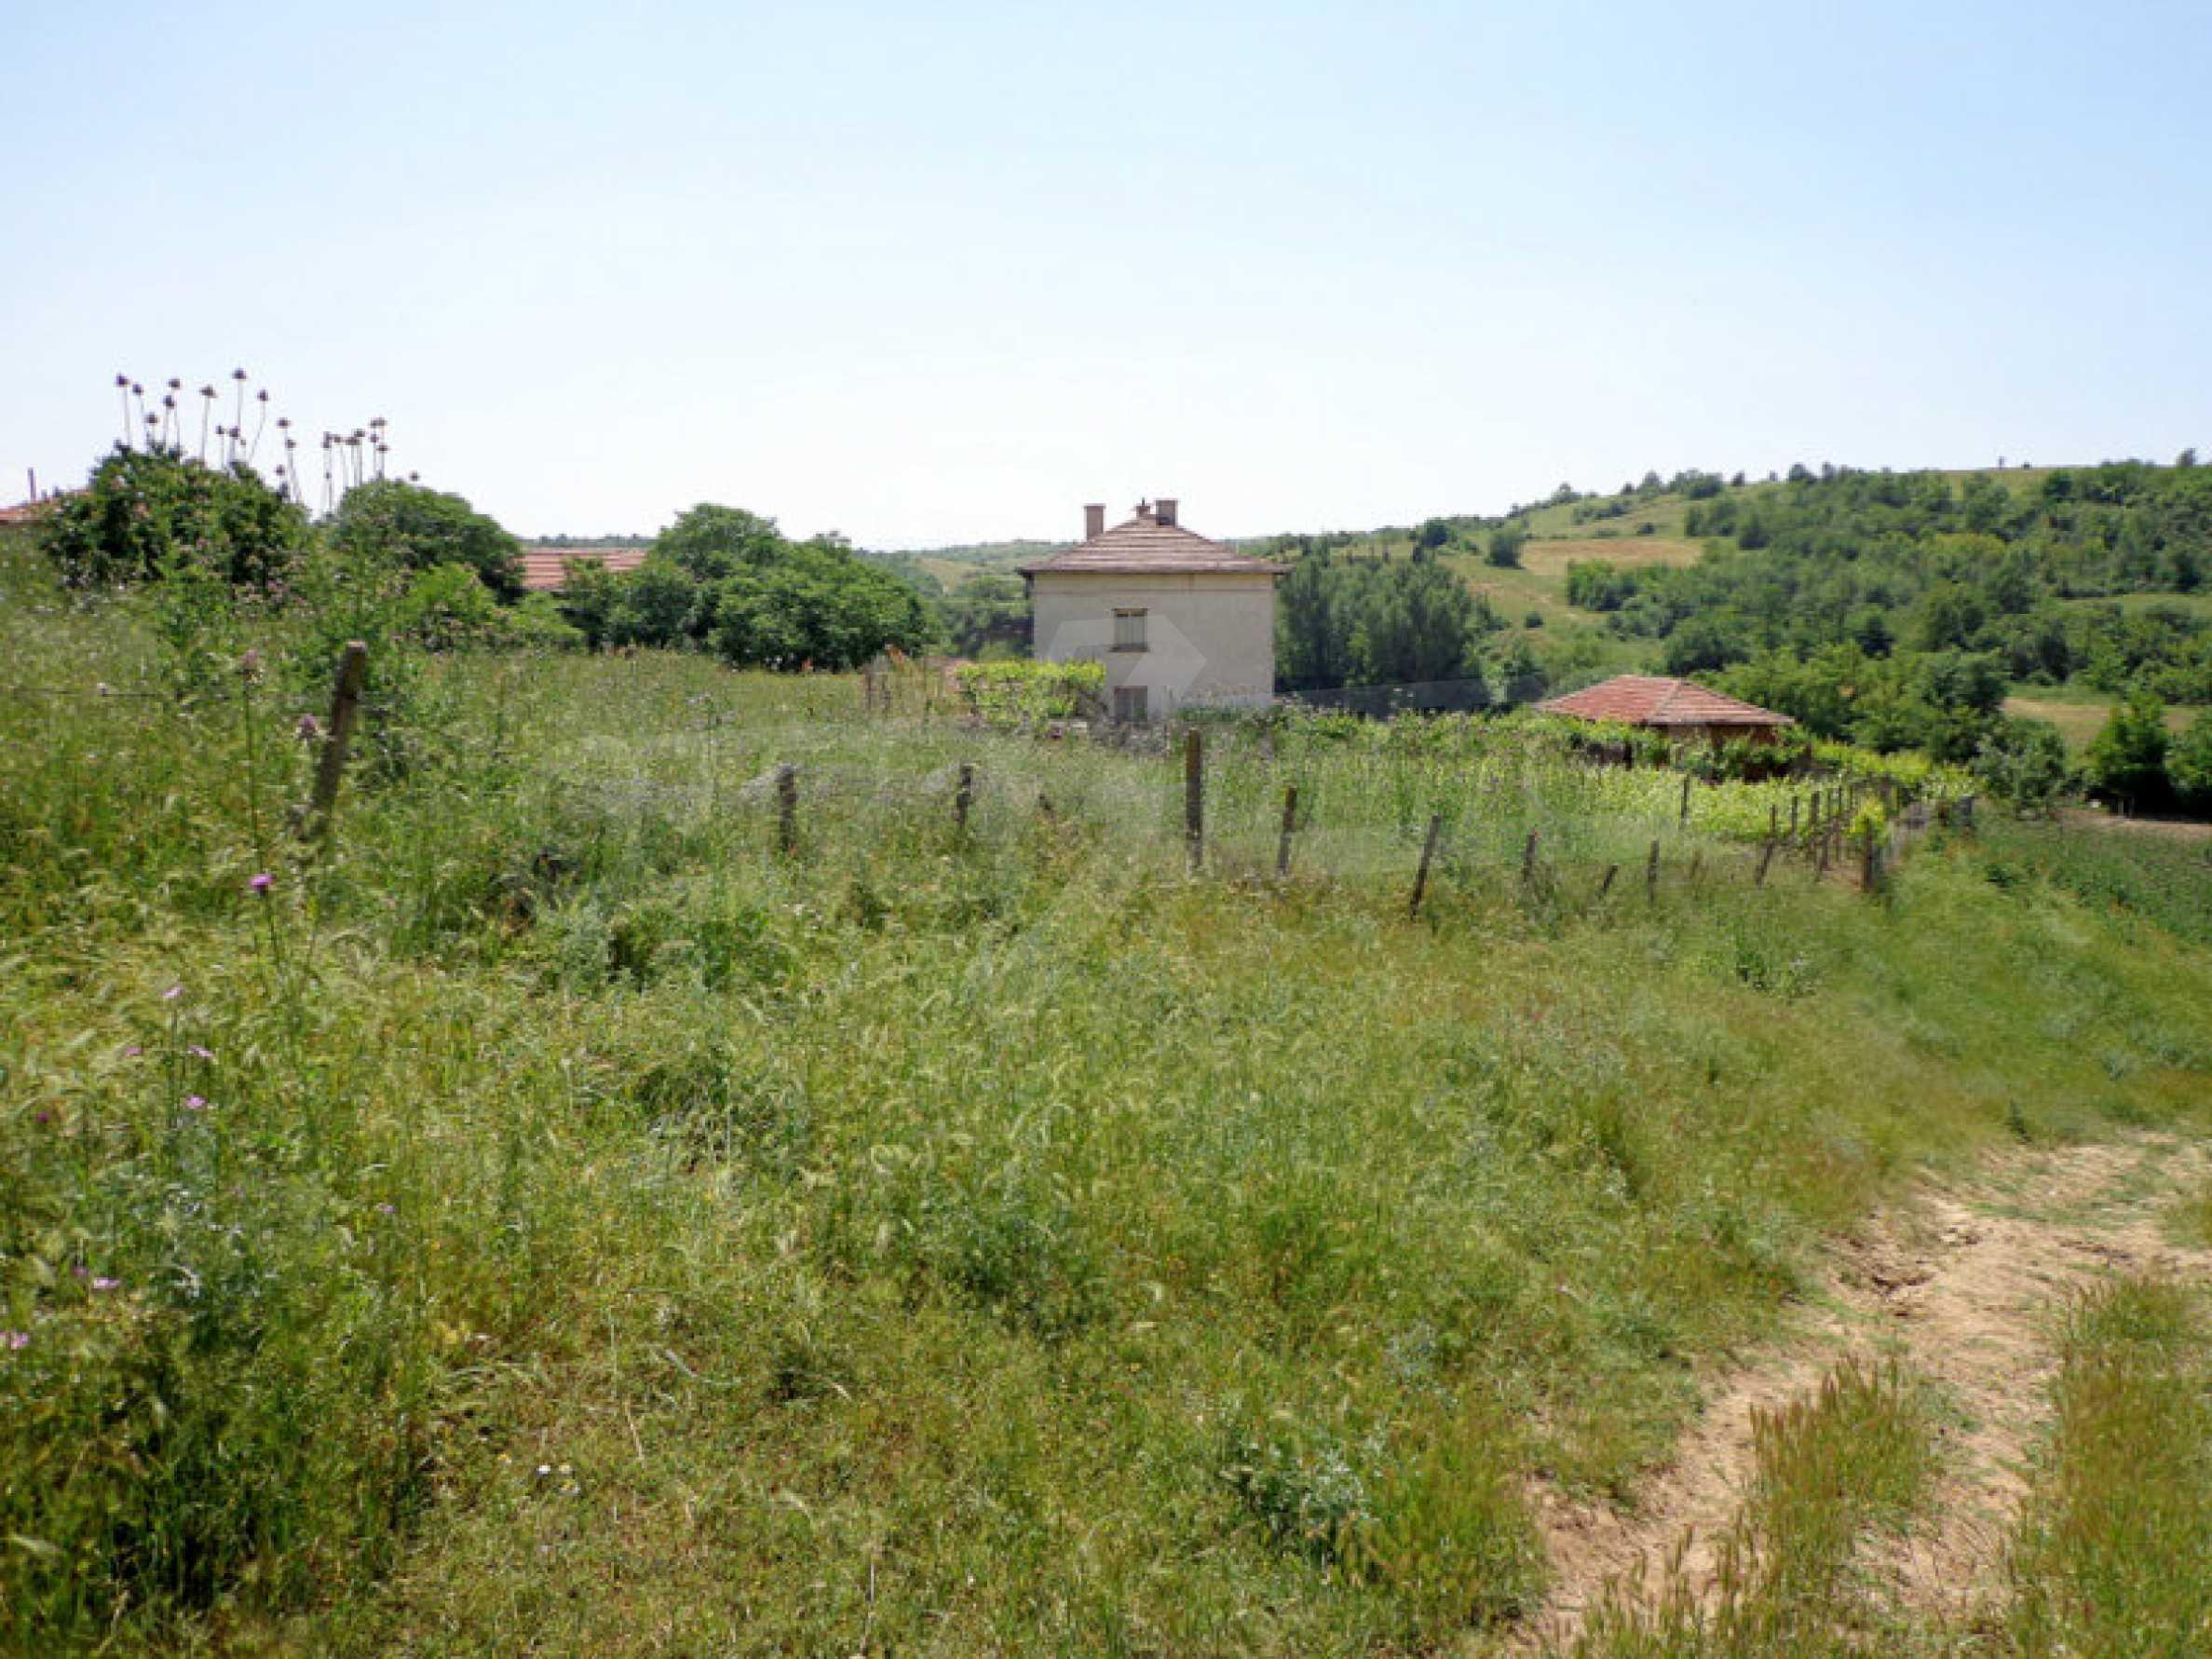 Grundstück zum Verkauf in einem malerischen Dorf 12 km von Sandanski entfernt